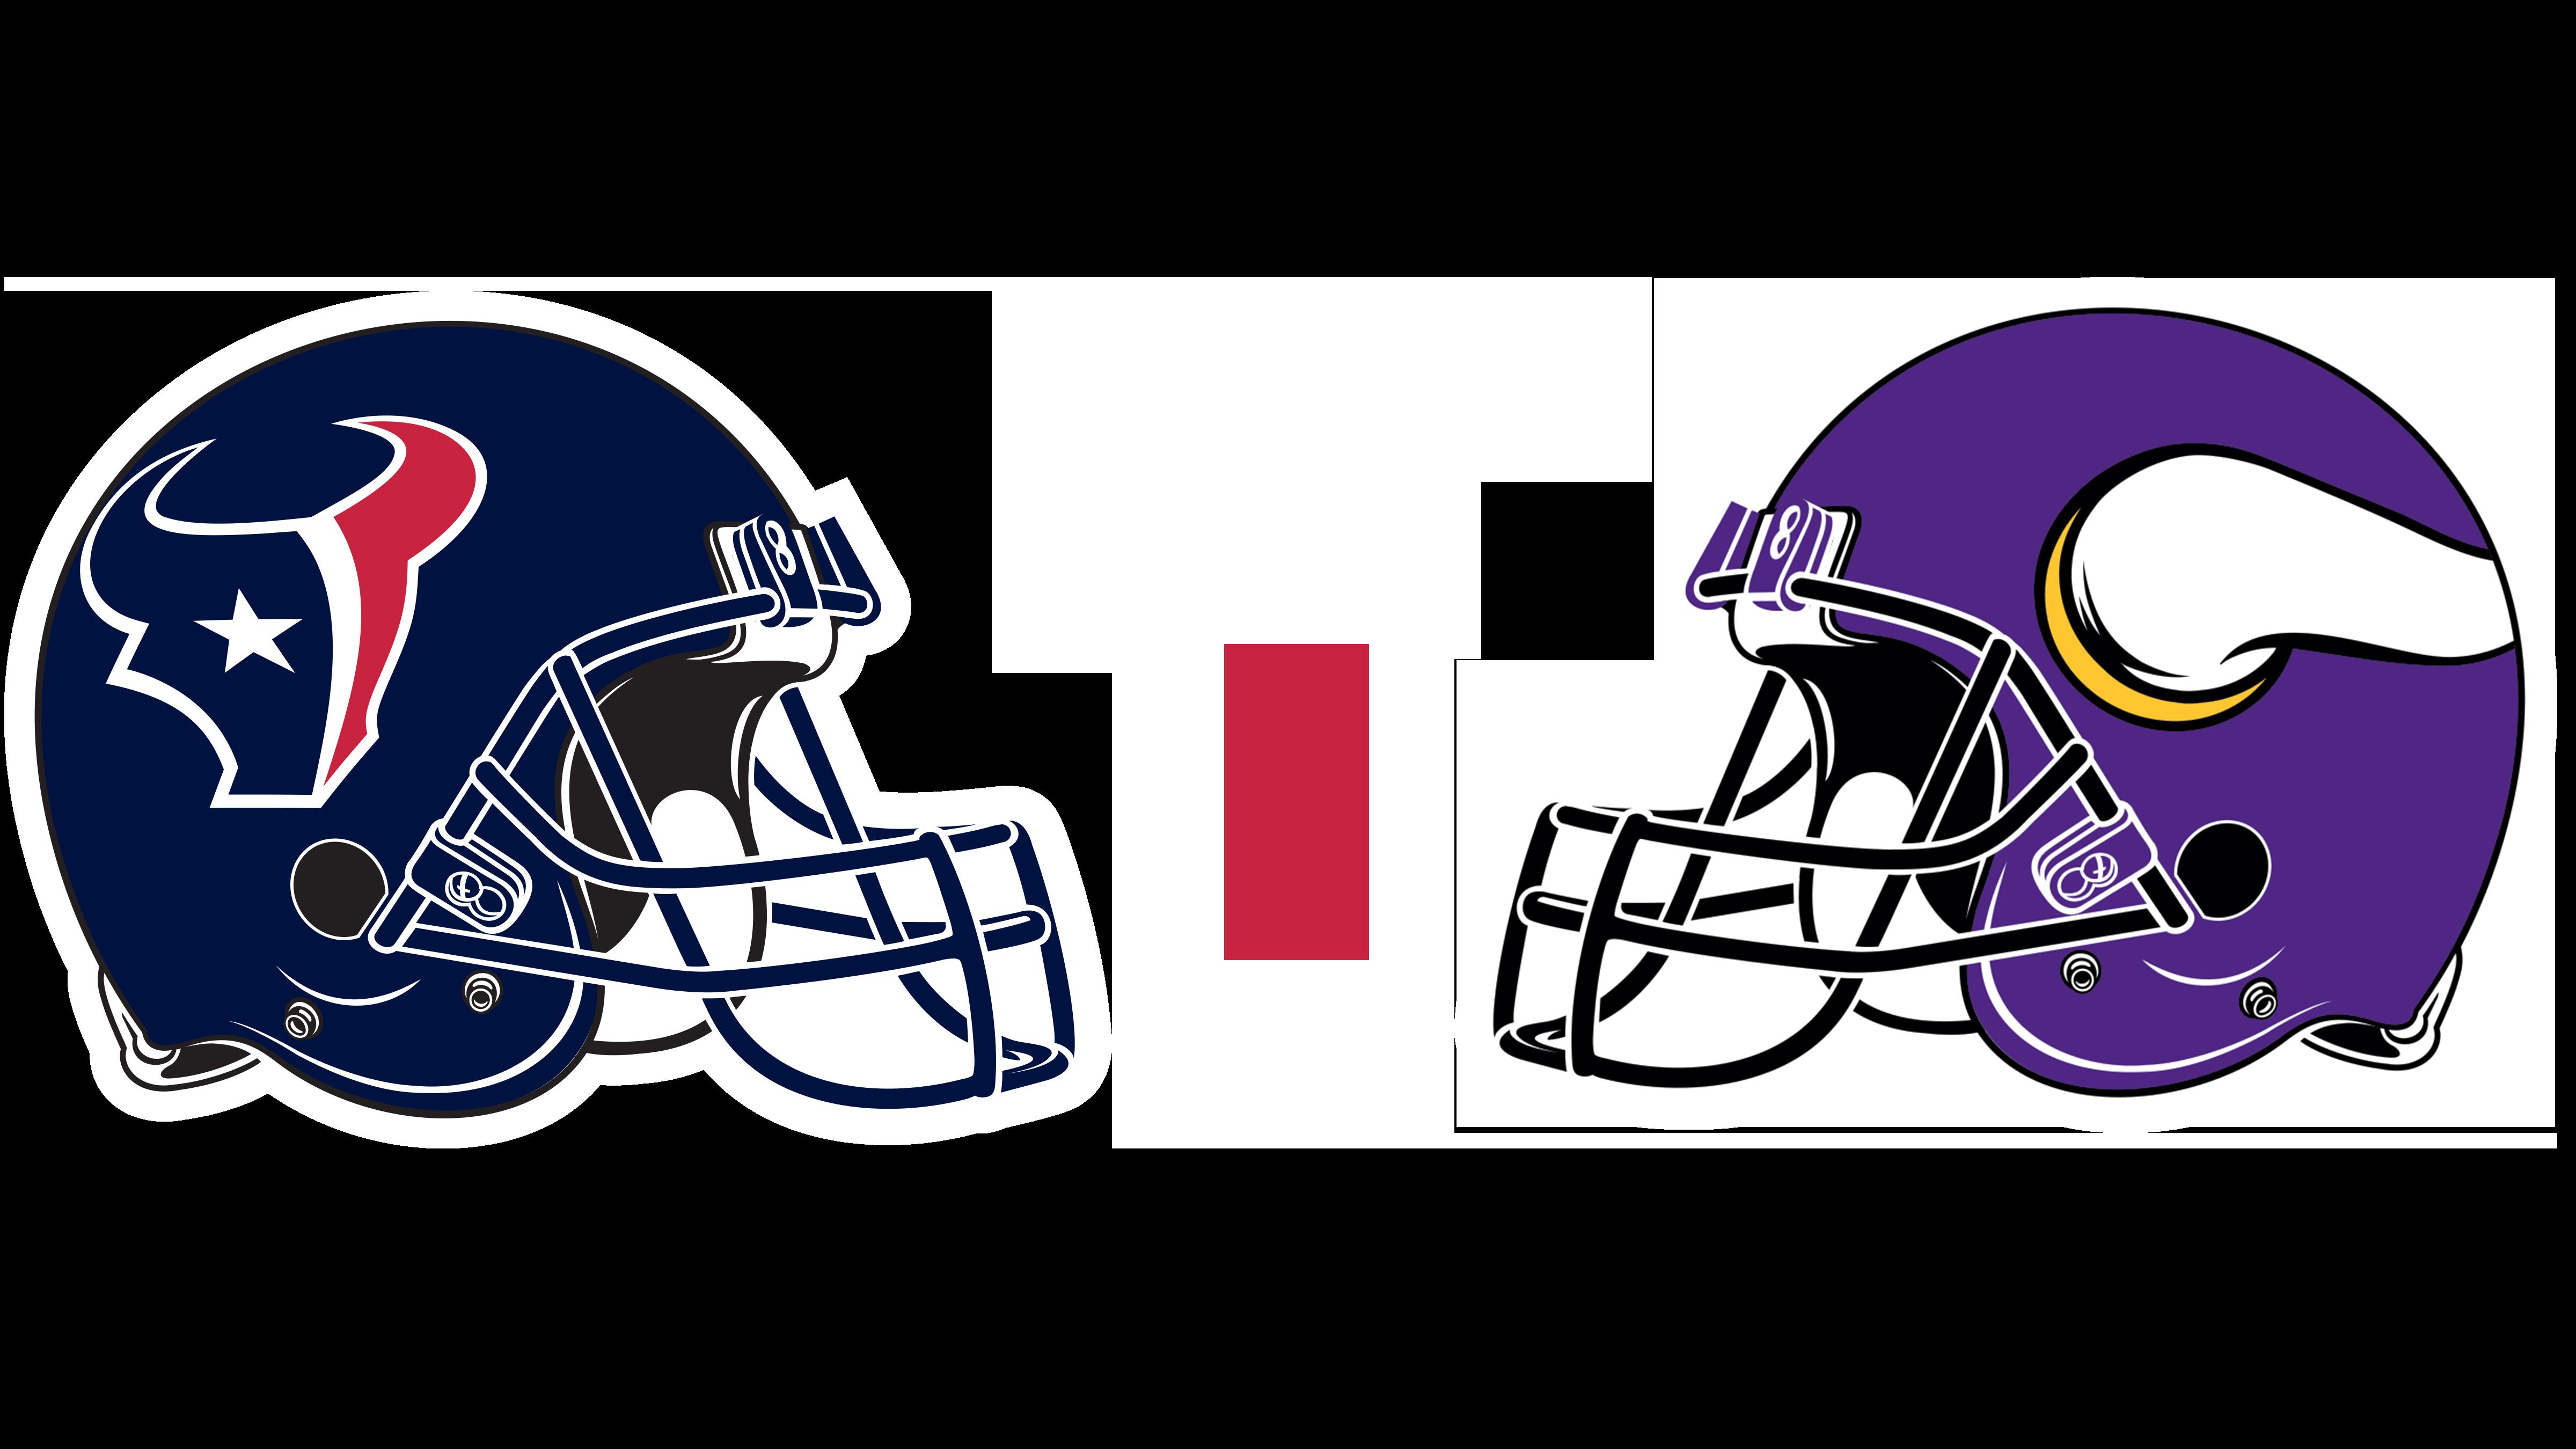 Houston Texans helmet and Minnesota Vikings helmet